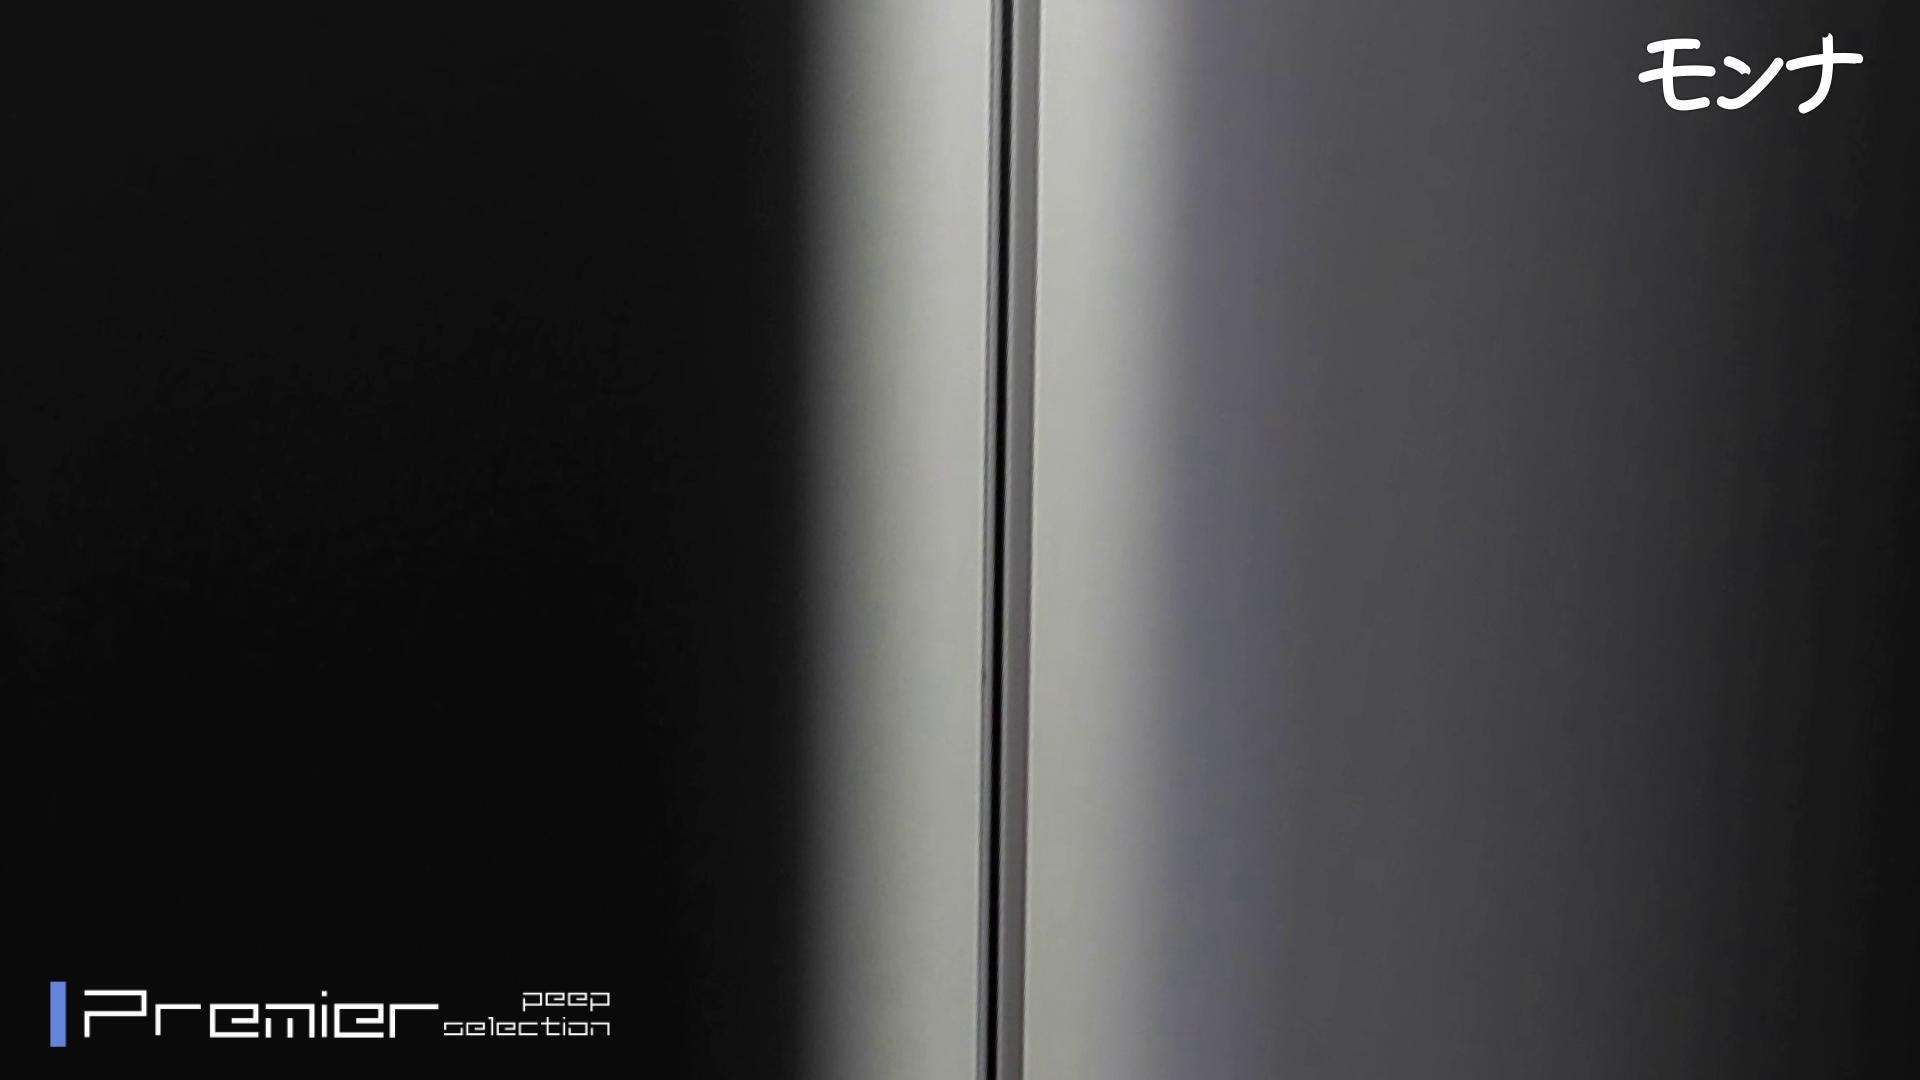 CM 悶絶シリーズ5 【美しい日本の未来 No.128】 おまんこ無修正 | ギャル・コレクション  48連発 33